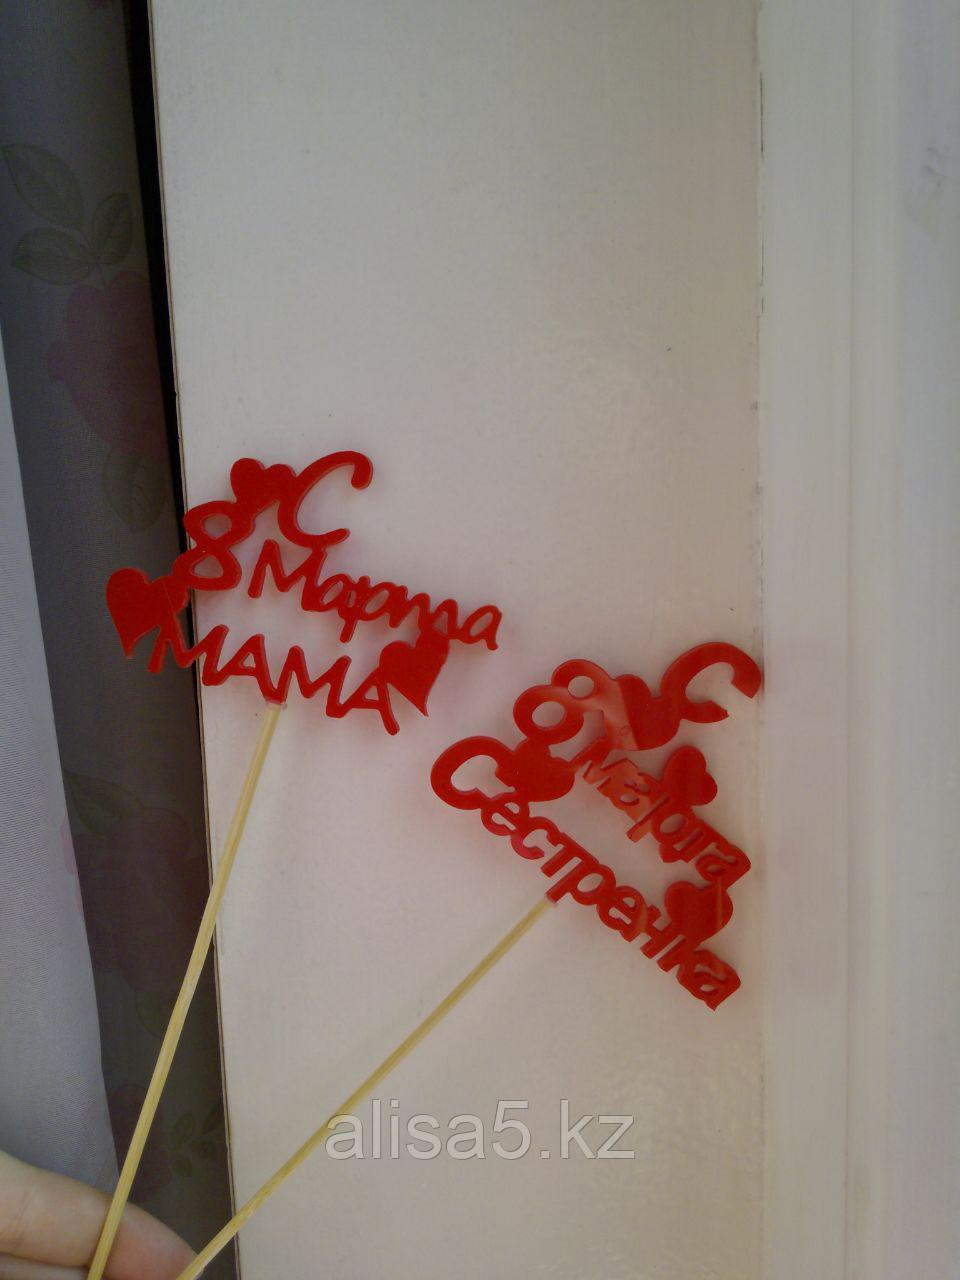 Надписи (топперы) из акрила 6 см. Декор для букетов и для подарков, тортов